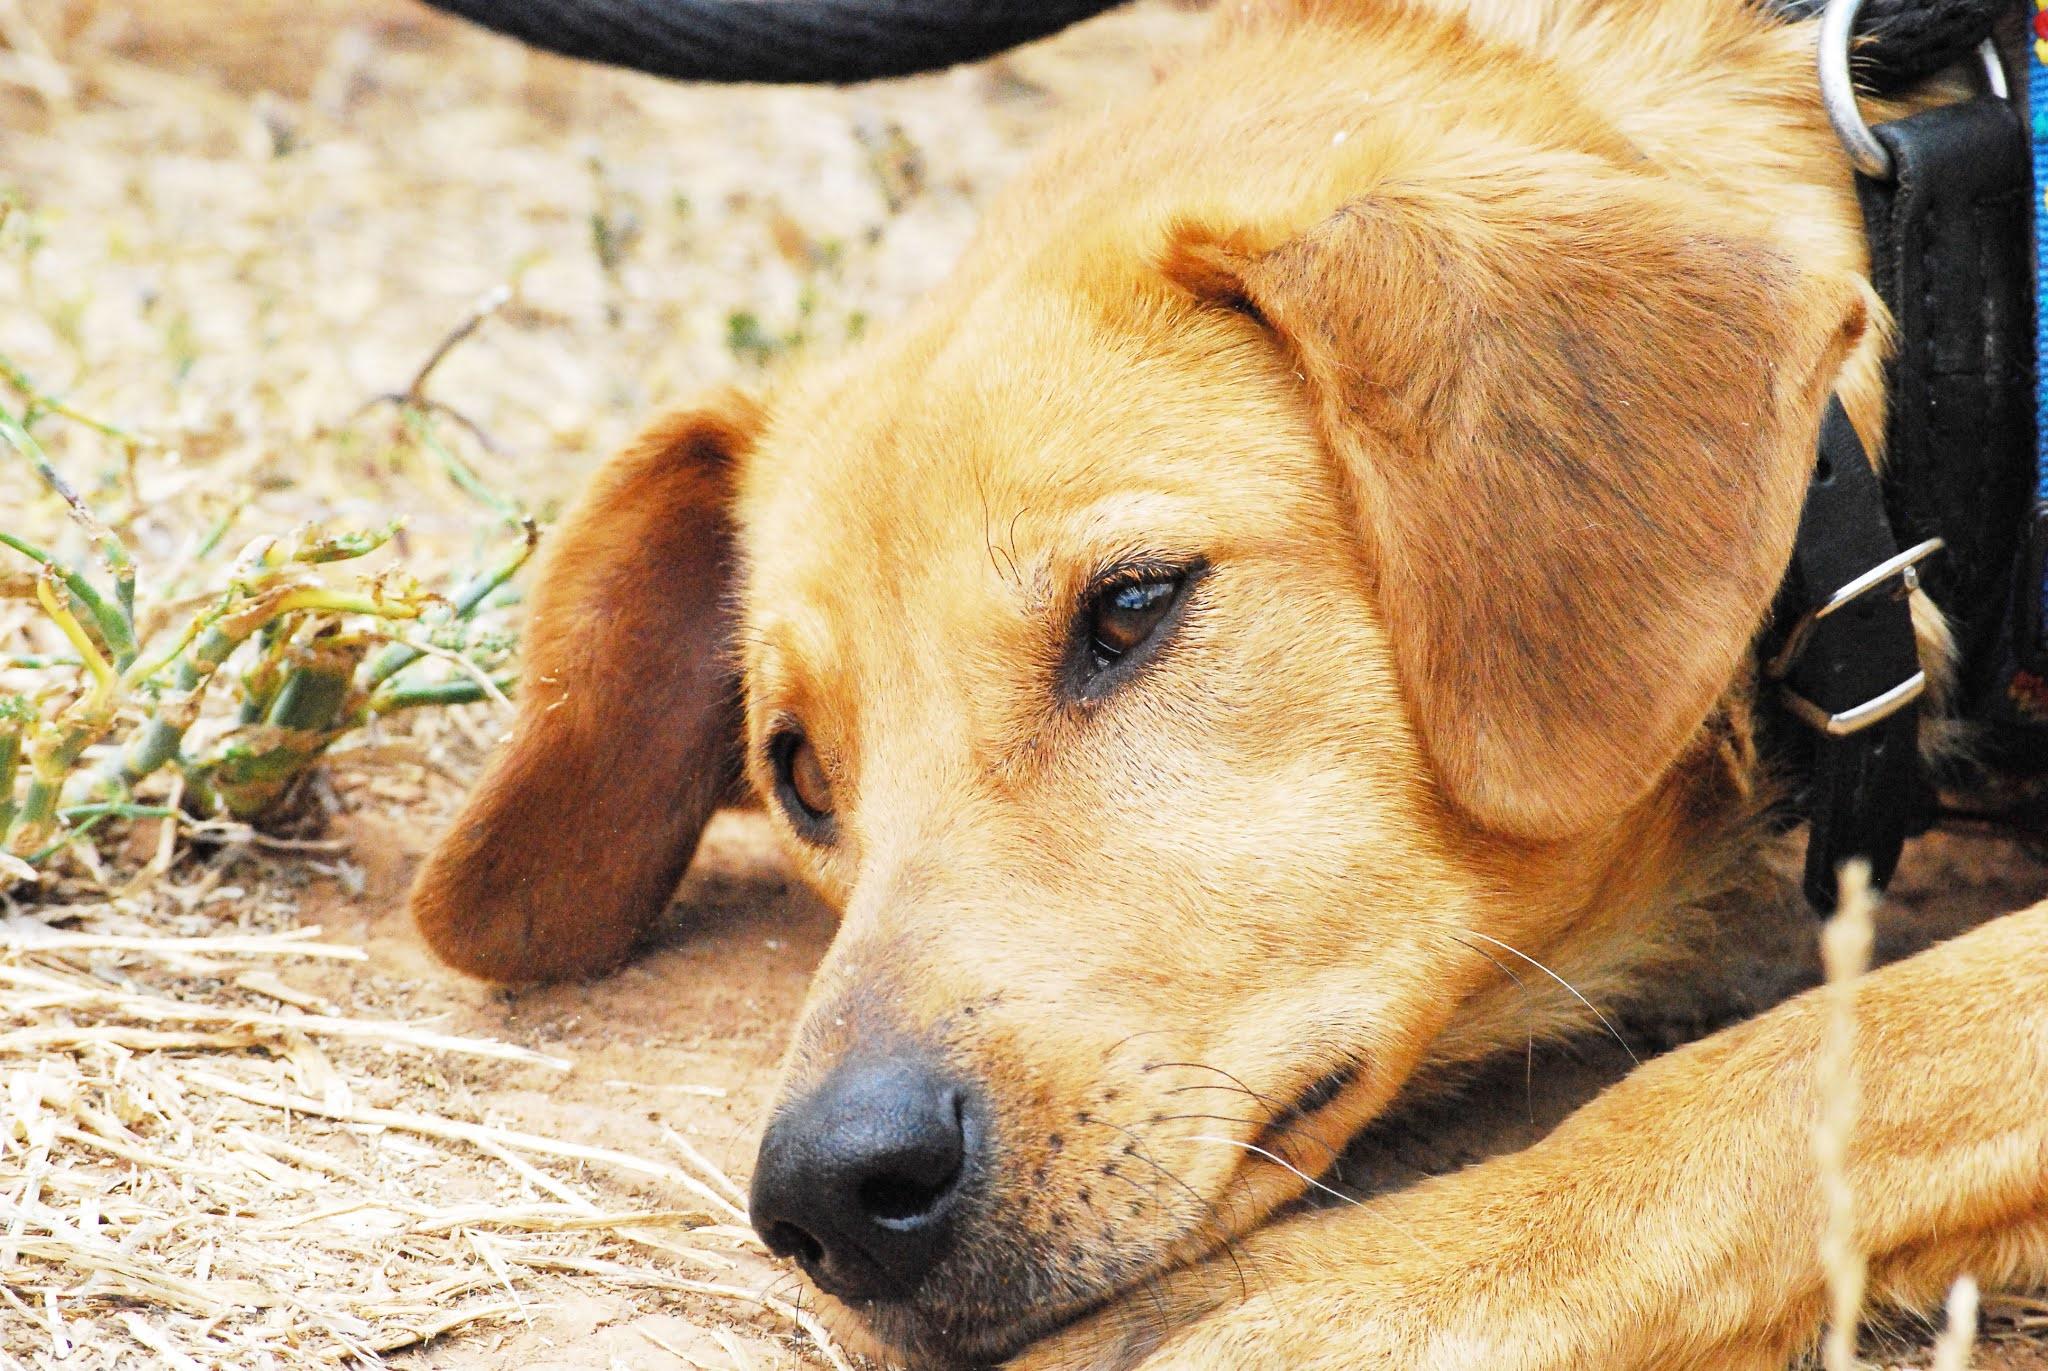 Bringing Home A Shelter Dog